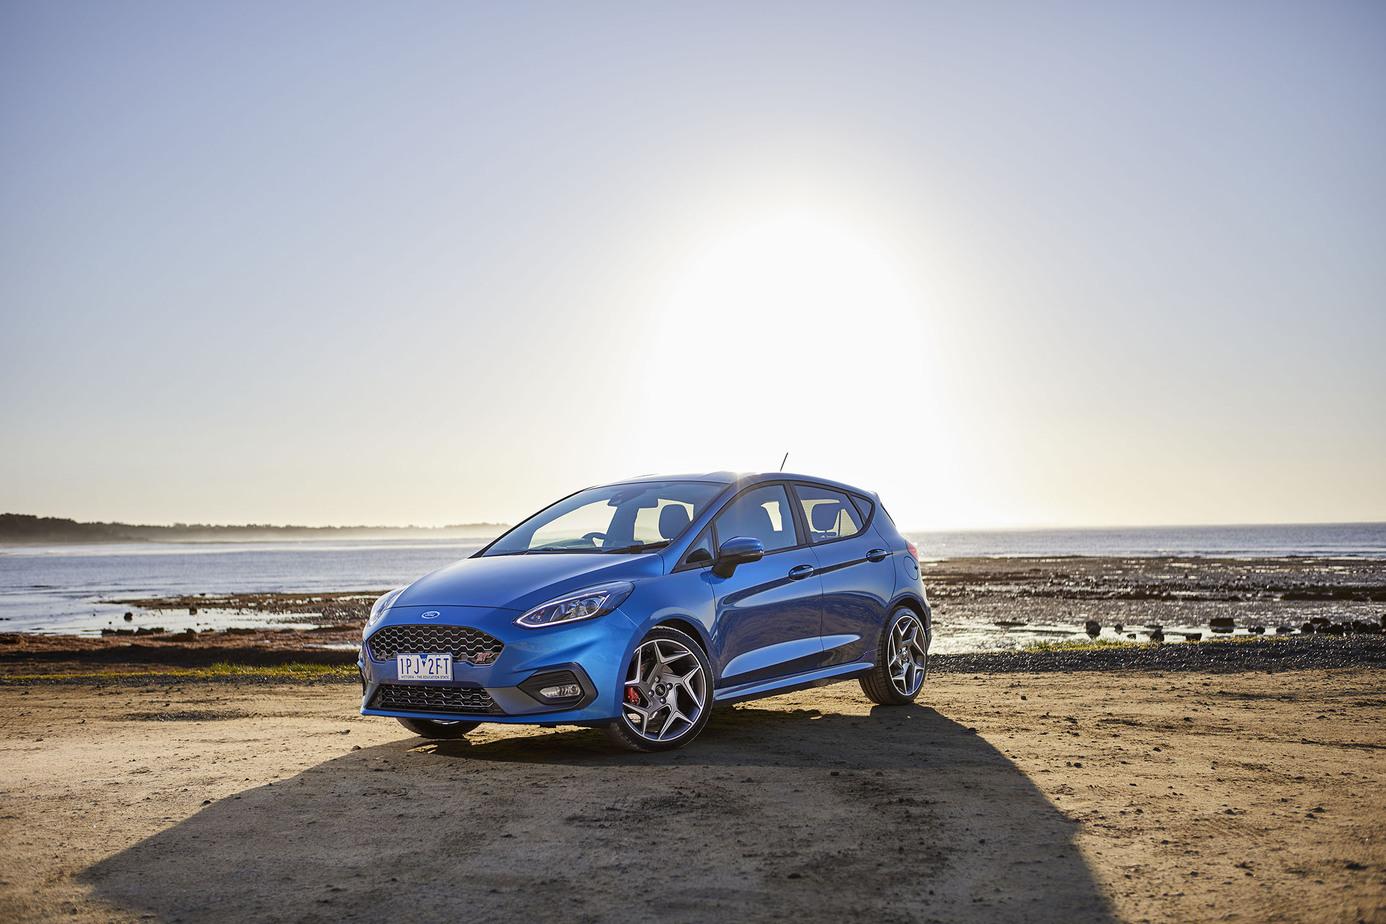 2020_Ford_Fiesta_ST_ANZ_ (1)_v1_current » EFTM